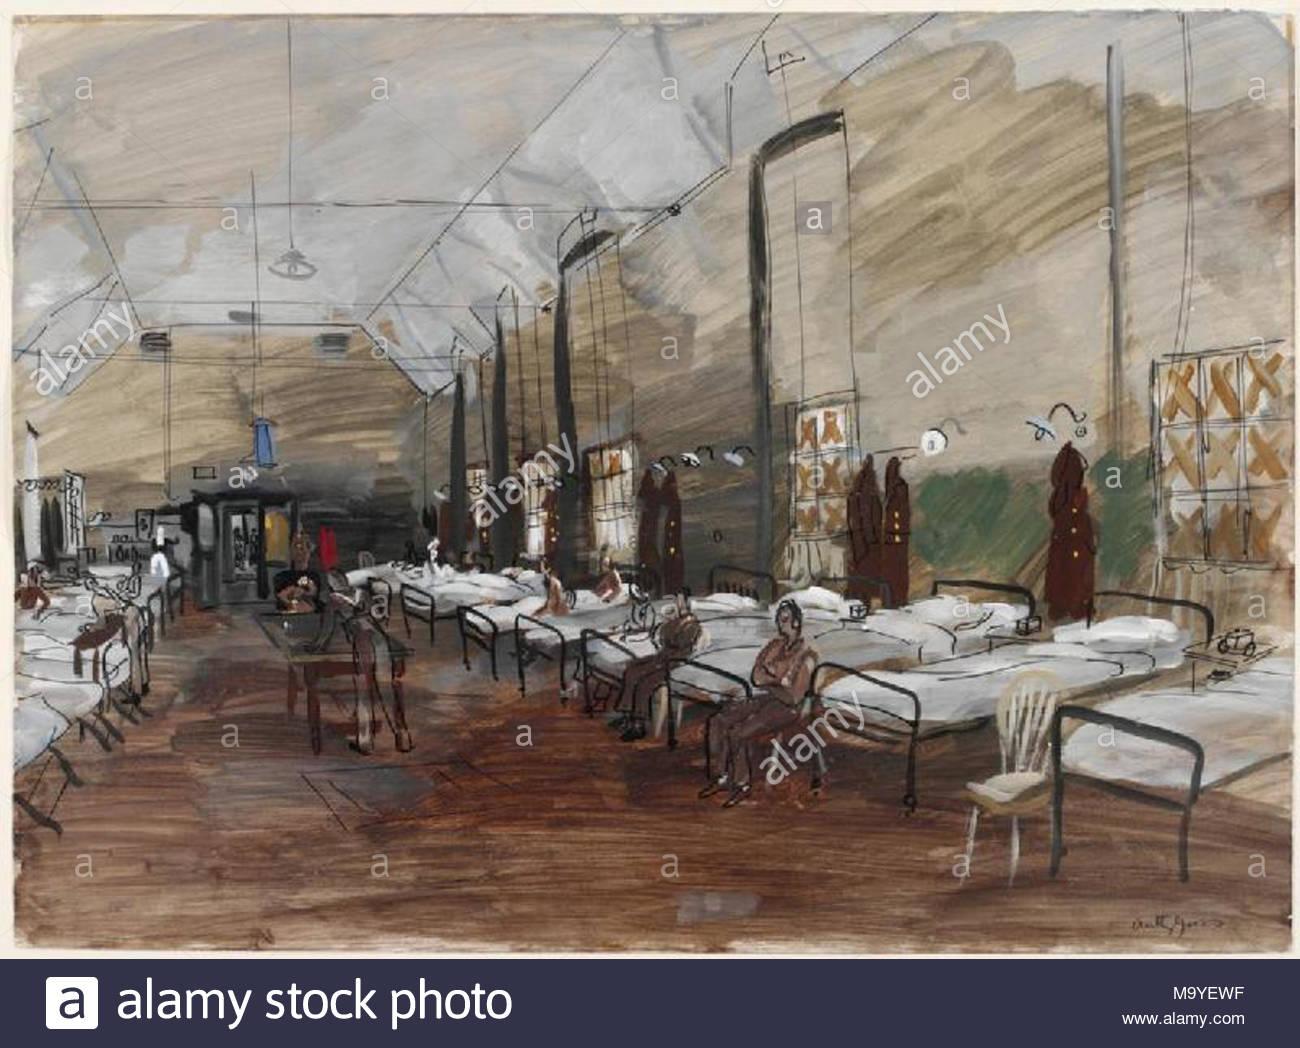 Krankenhaus Bild Betten Zeile Beide Seiten Einer Krankenstation